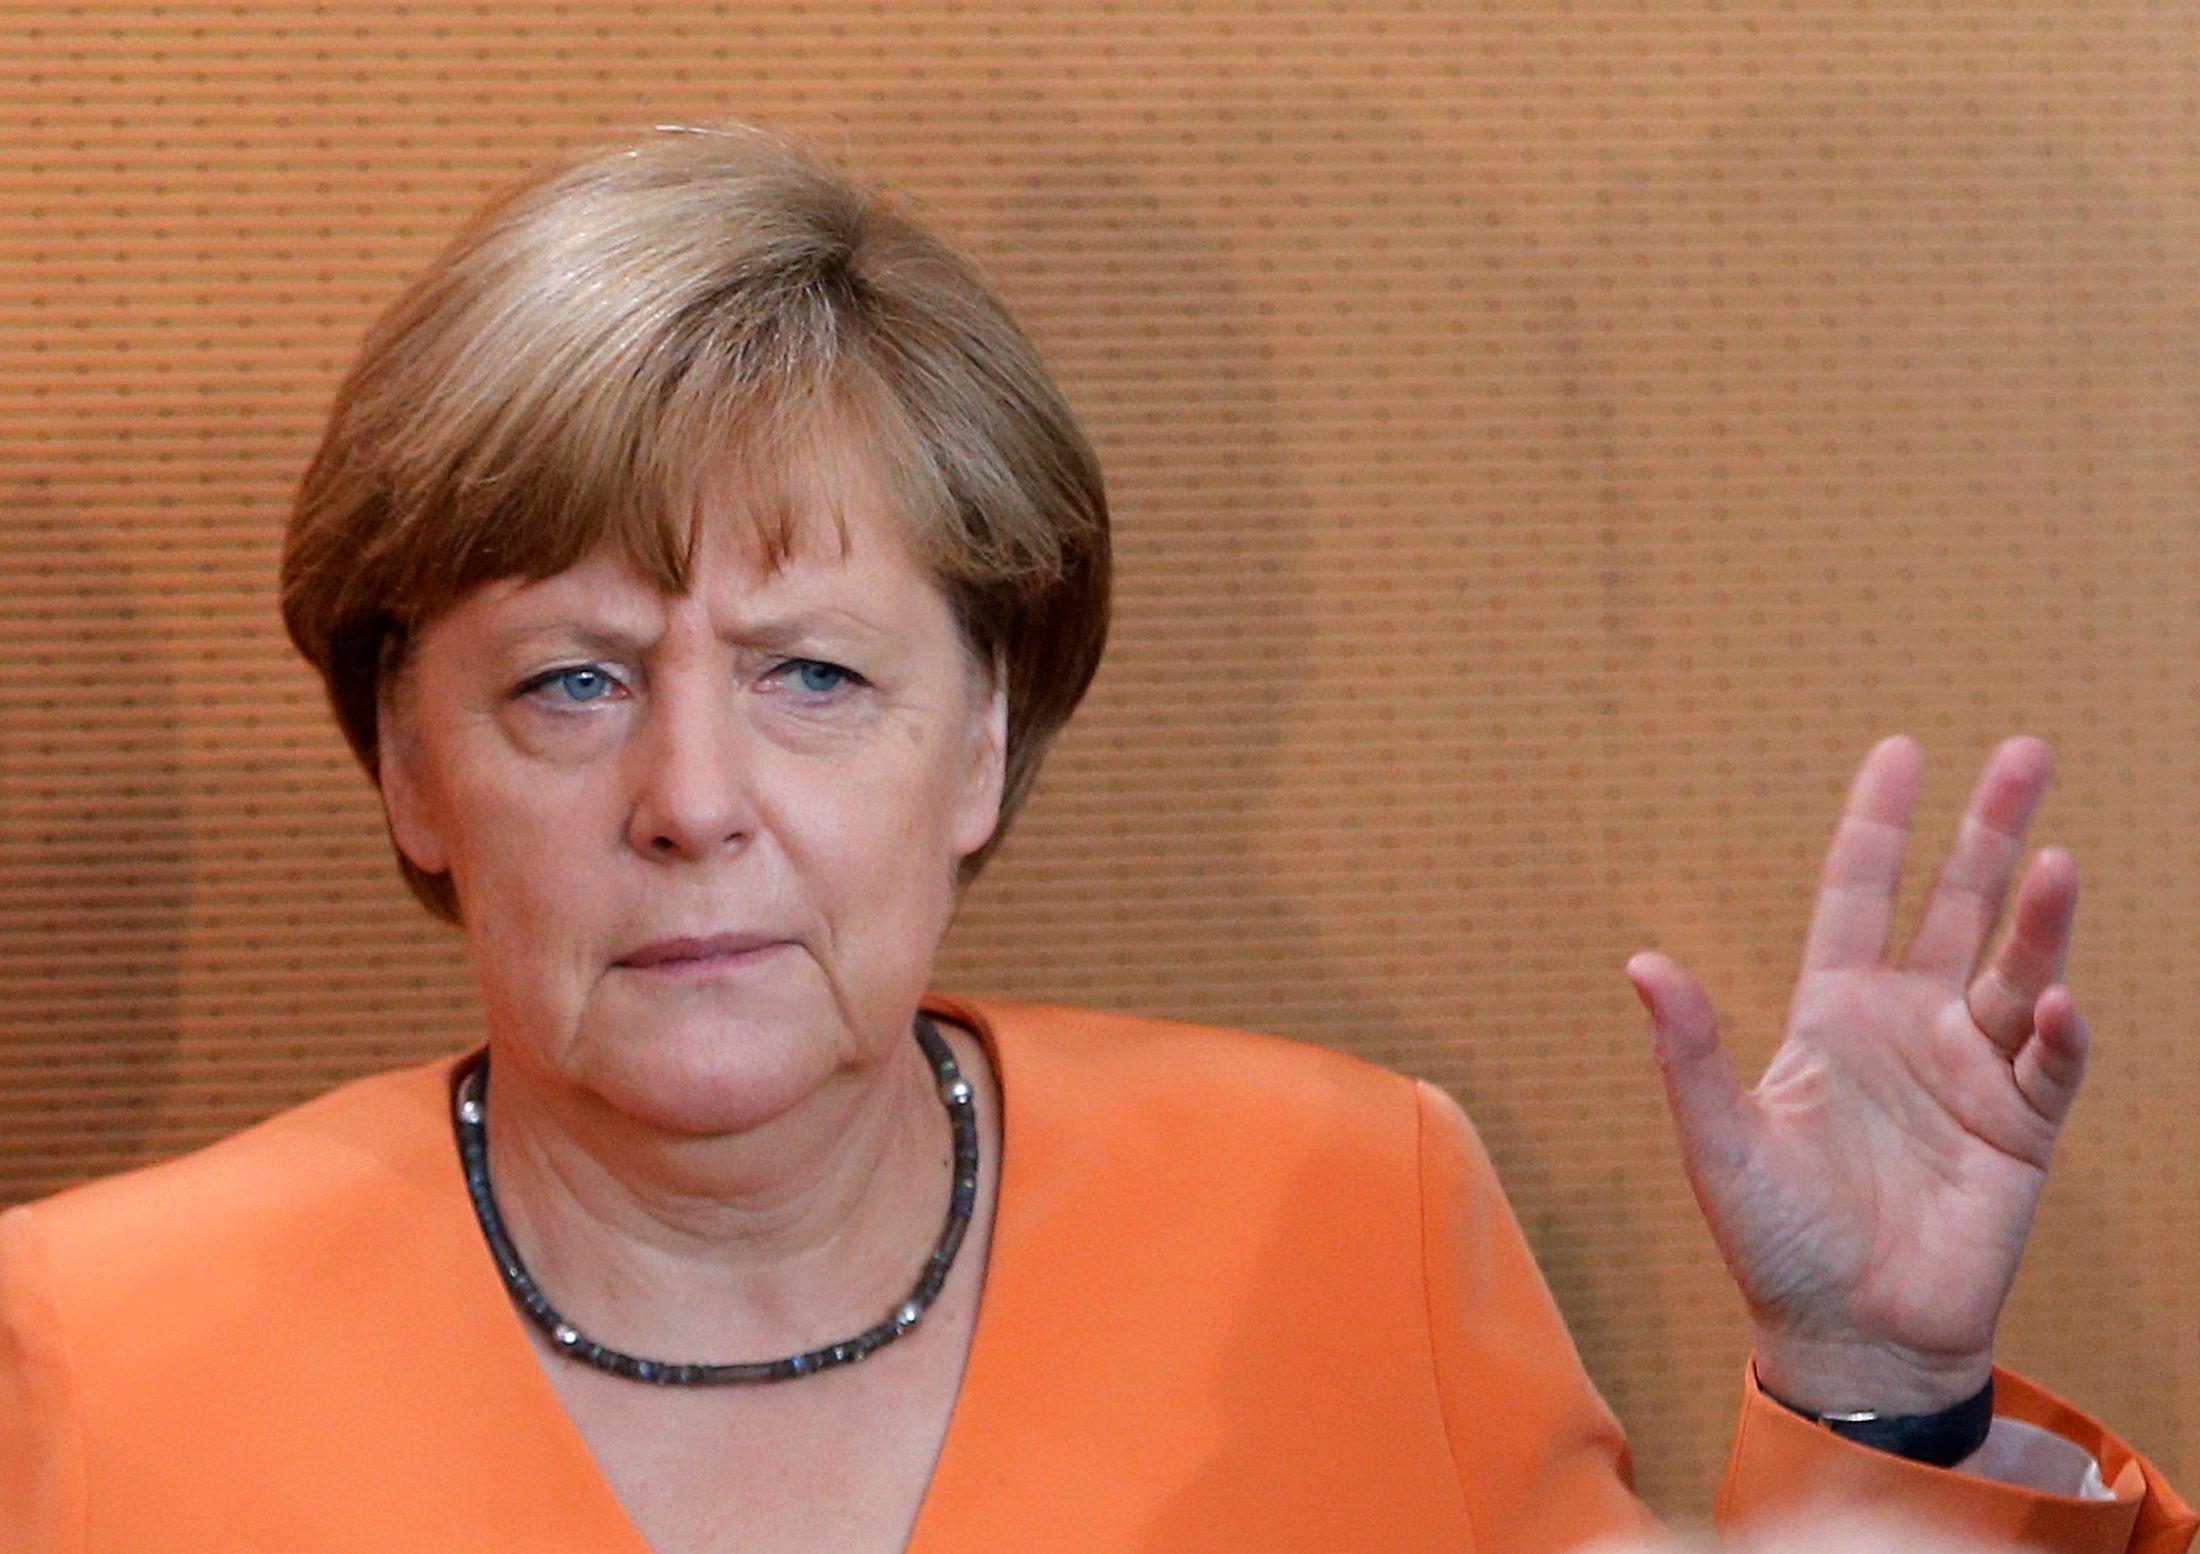 Lucide (elle) : Angela Merkel en Afrique pour prendre la mesure de la prochaine crise des migrants qui nous menace